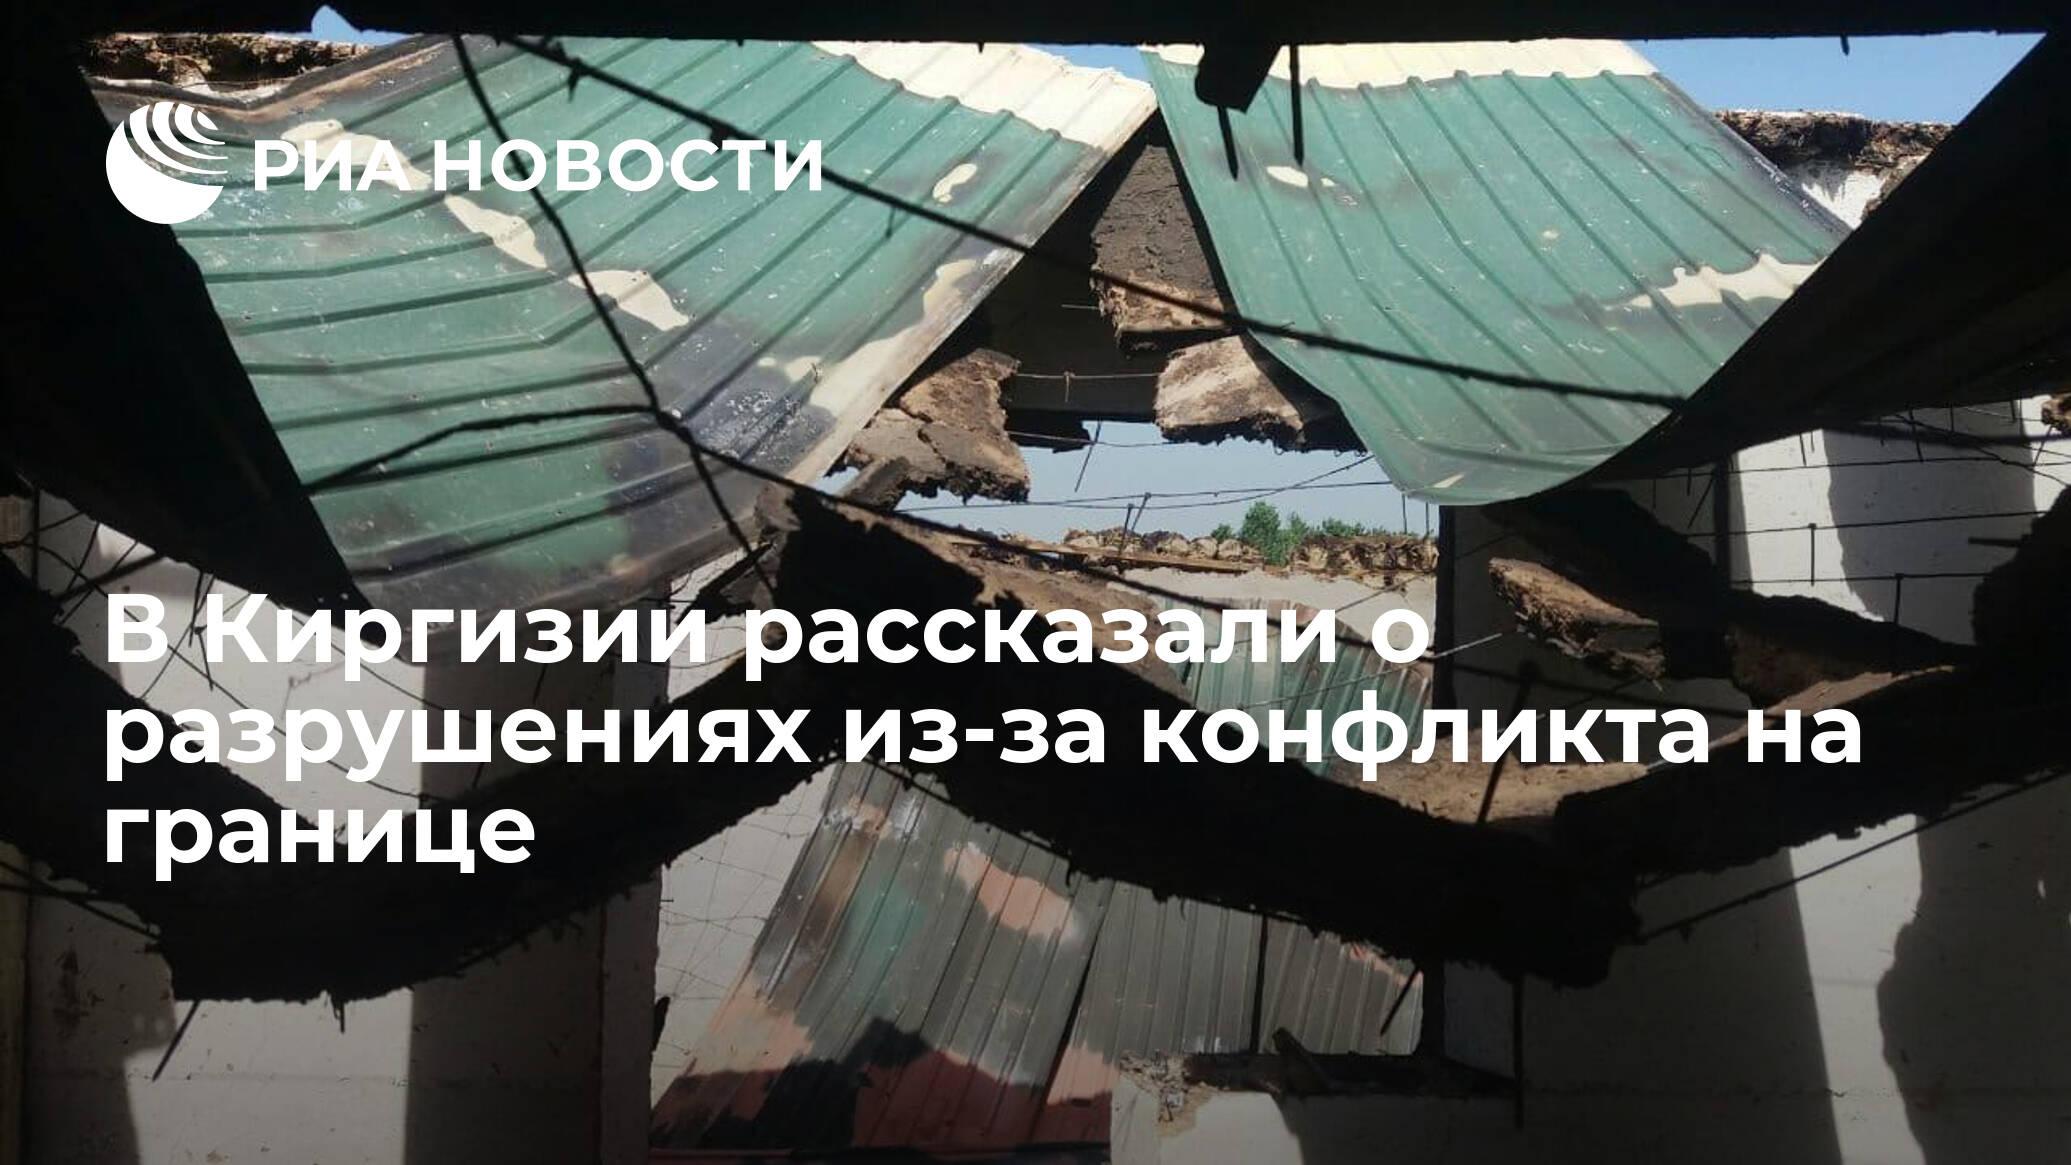 В Киргизии рассказали о разрушениях из-за конфликта на границе